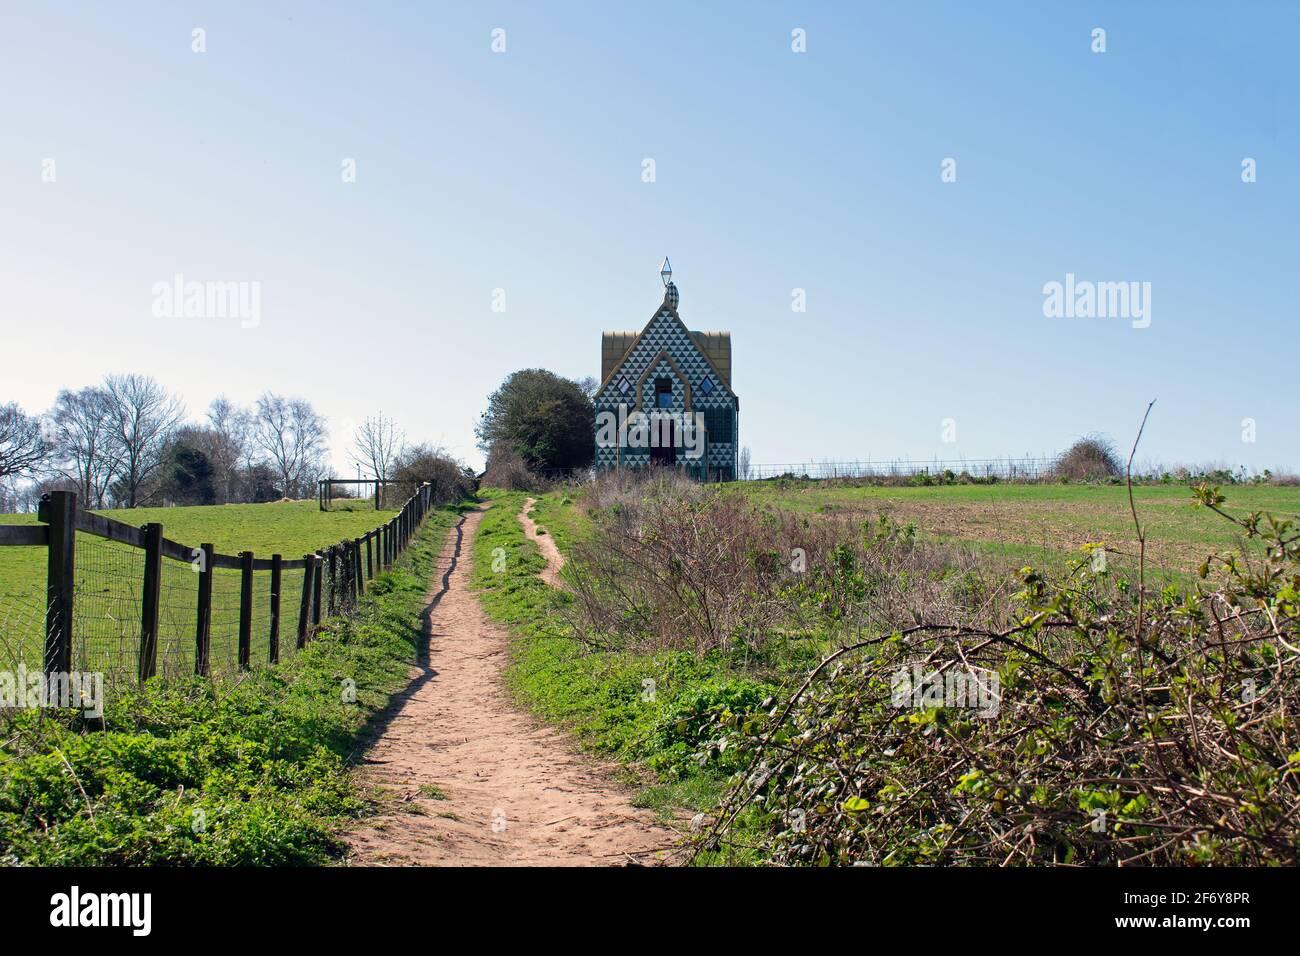 Camminando lungo un sentiero pubblico fino alla collina verso UNA Casa per Essex di Grayson Perry a Wrabness, Essex, Regno Unito Foto Stock